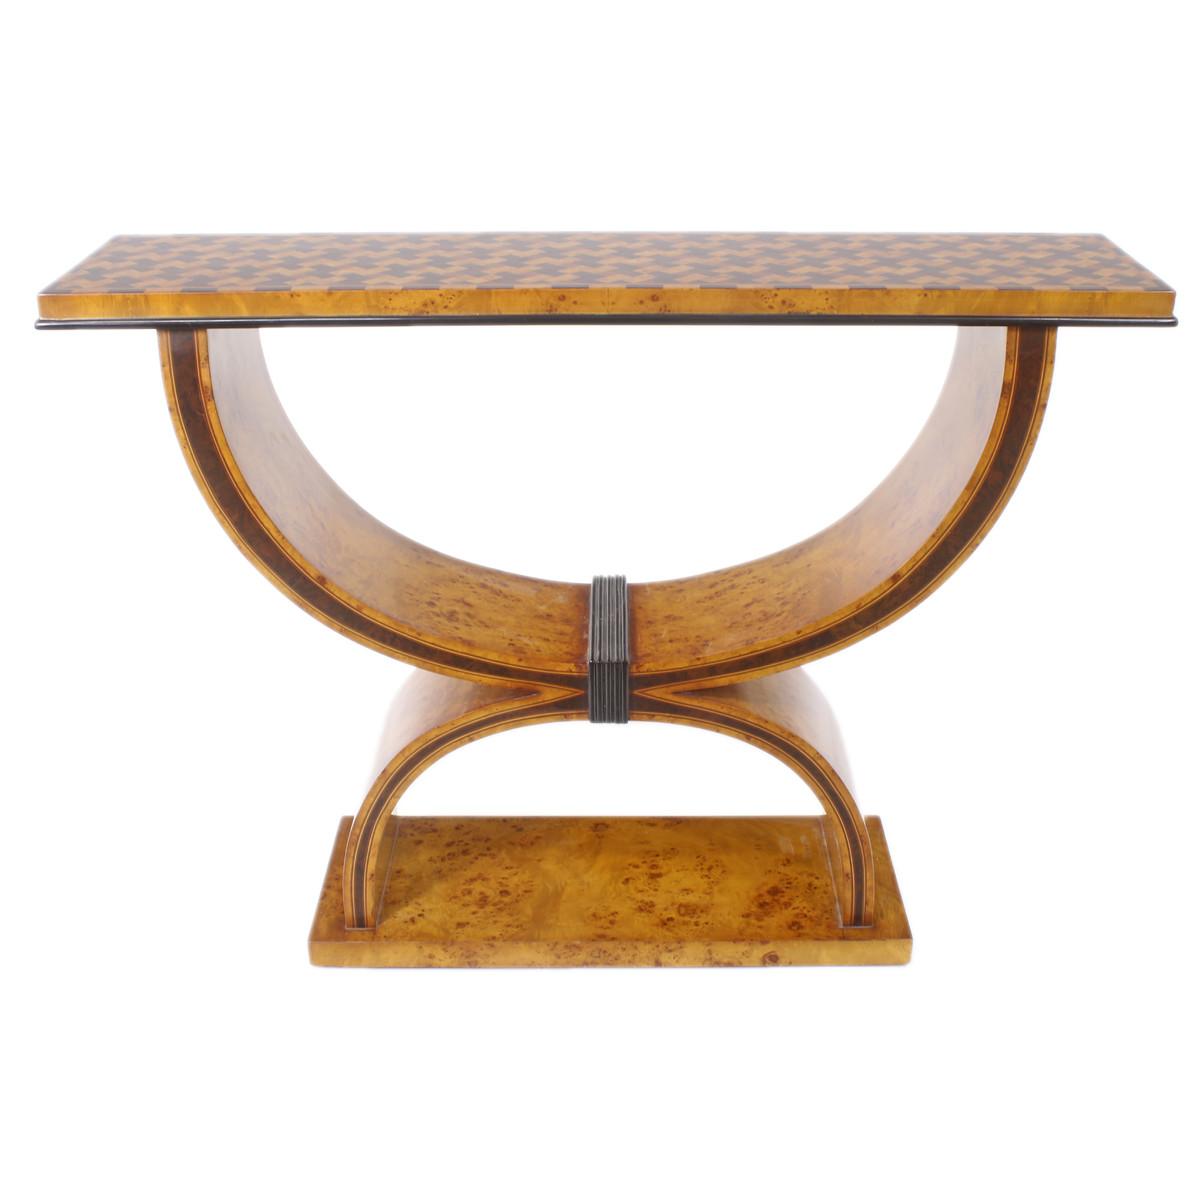 Casa Padrino Art Deco Beistelltisch 120cm X 35cm X H 95cm Antik Stil Tisch Mobel